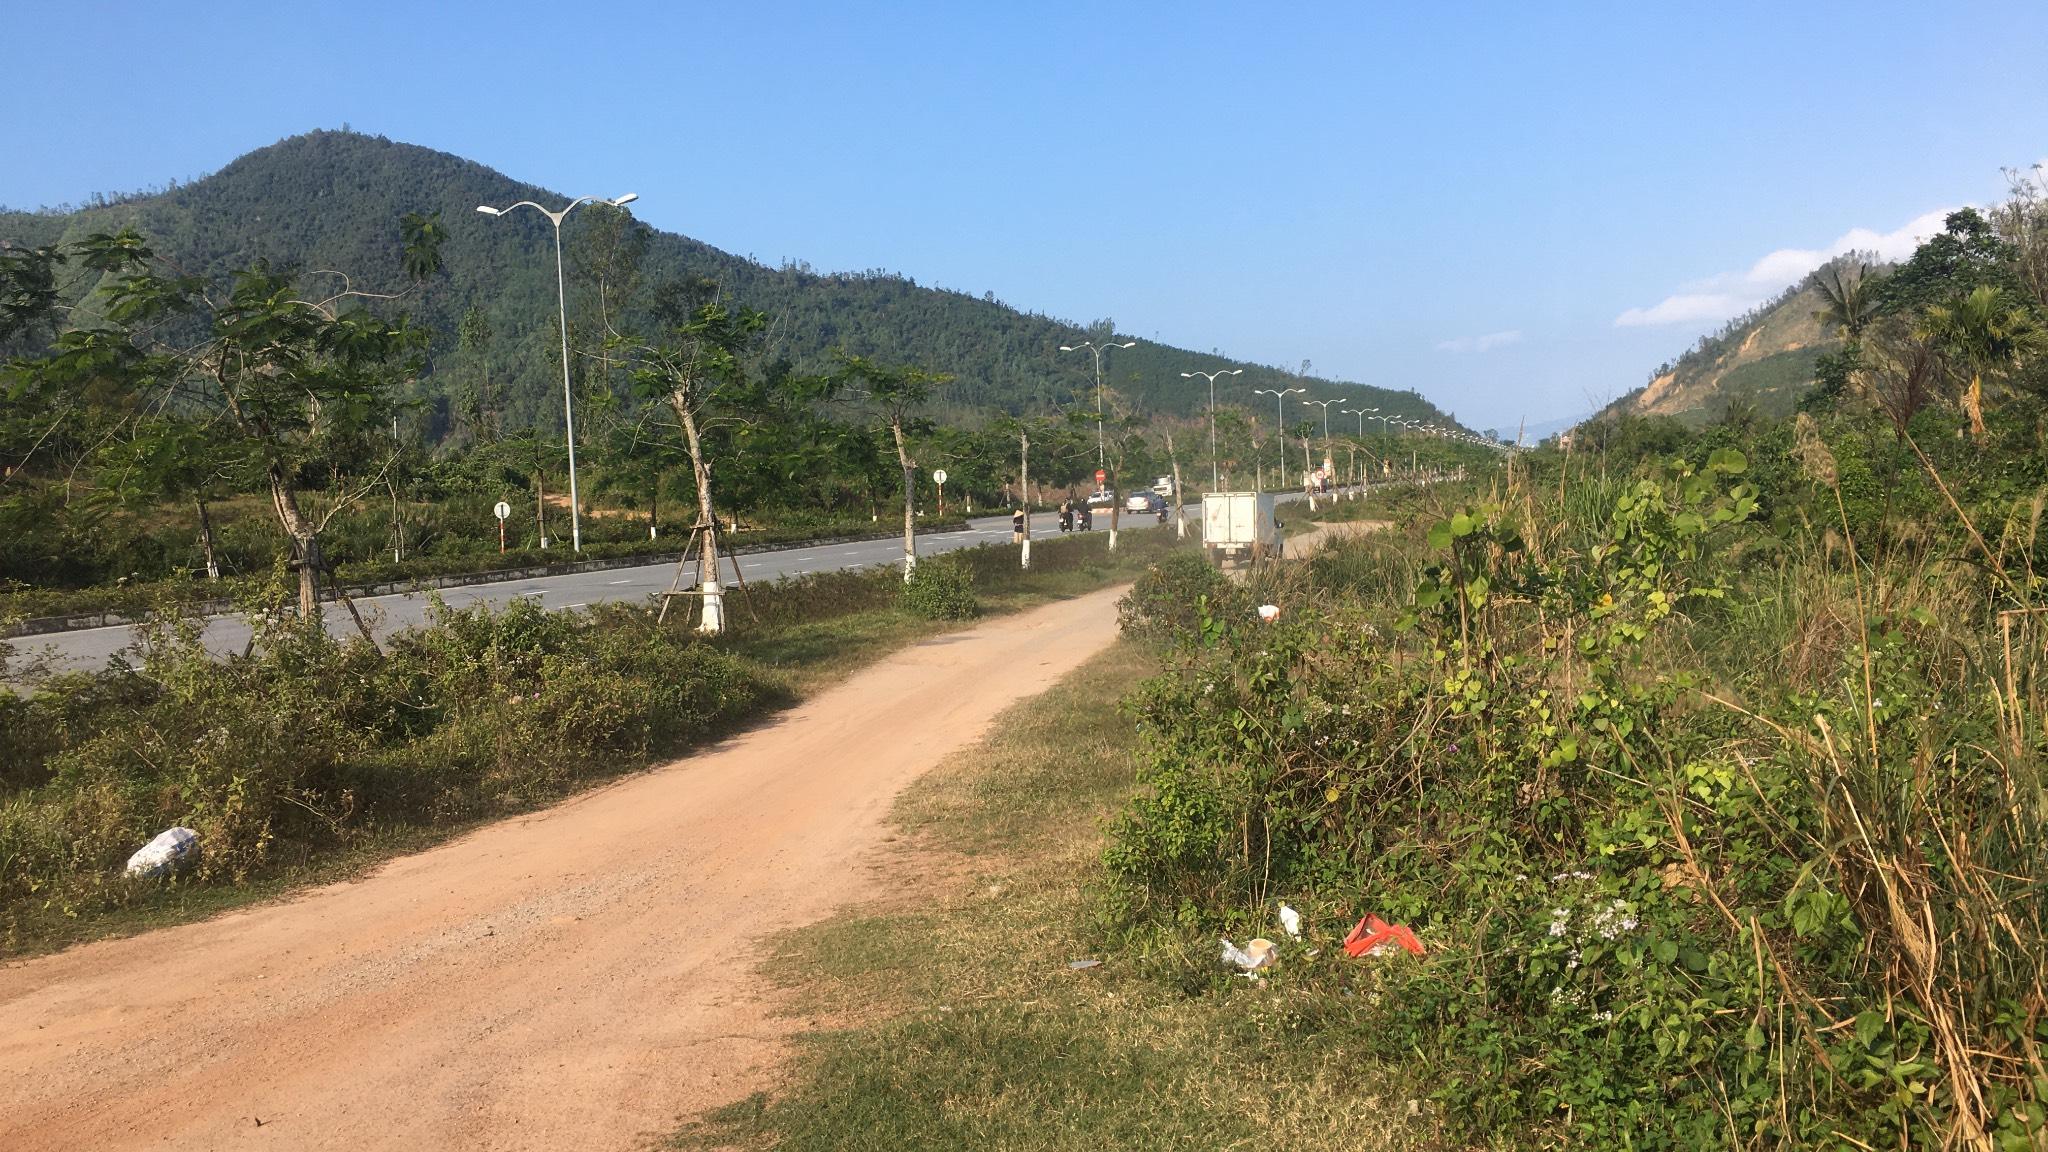 Liên Thái Bình Dương, Sun Group sắp đầu tư hàng tỷ USD vào dự án nào tại Đà Nẵng, vị trí ở đâu? - Ảnh 3.